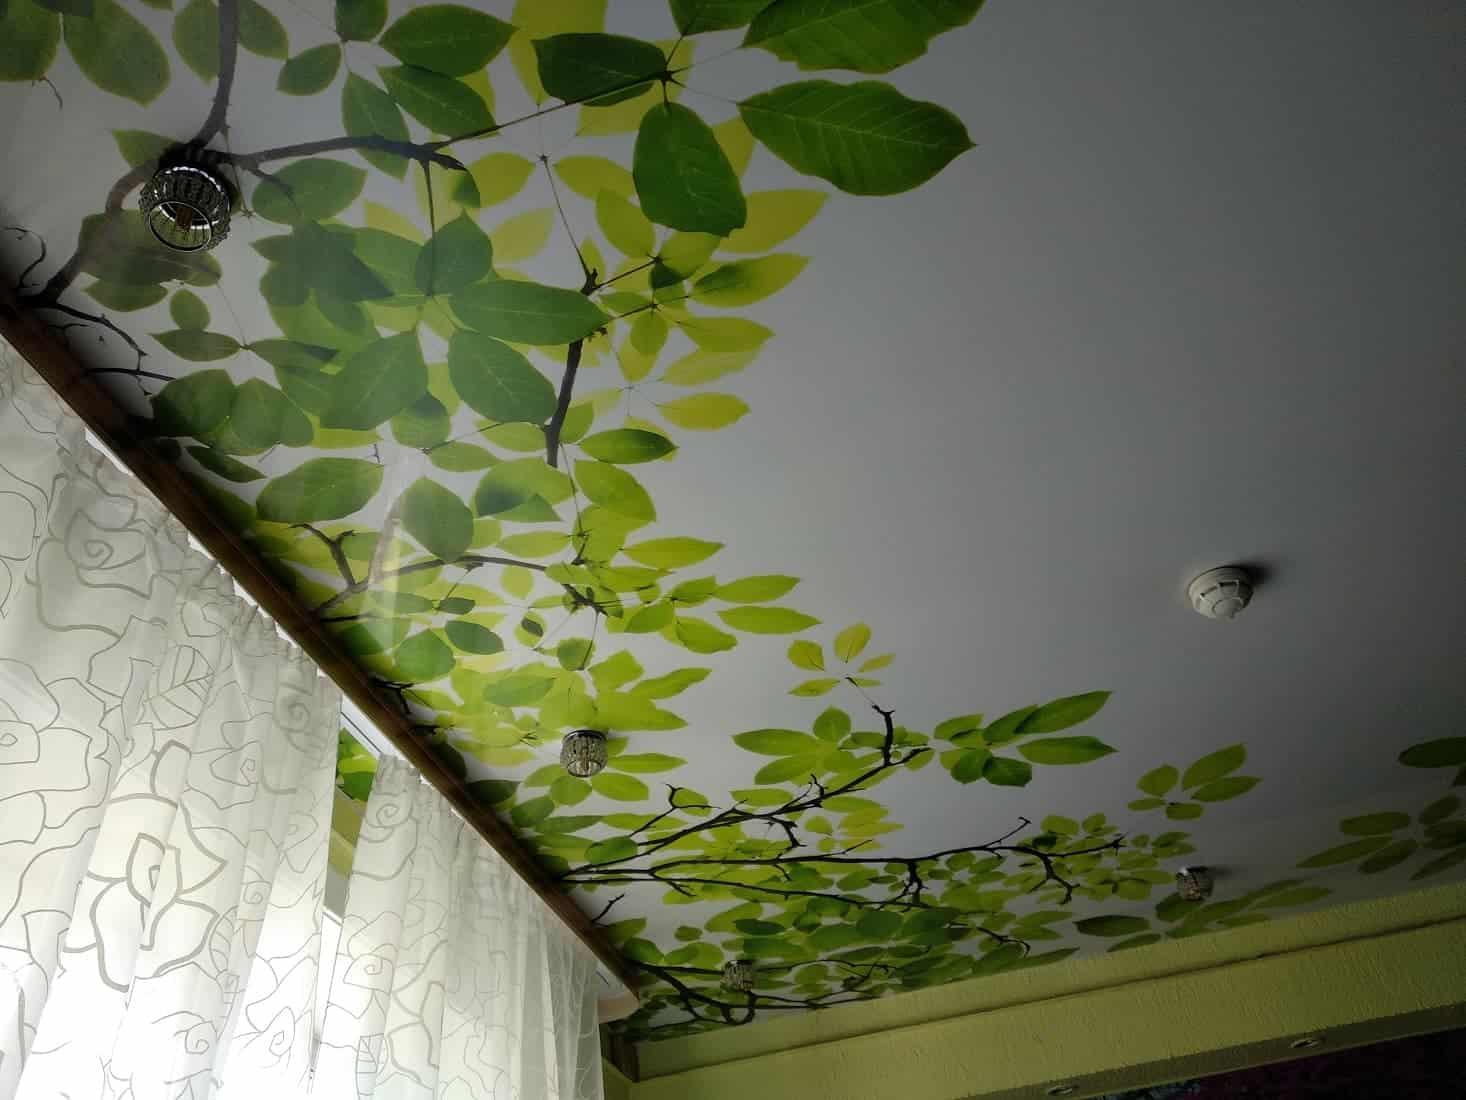 натяжные потолки фото, фотопечать растения